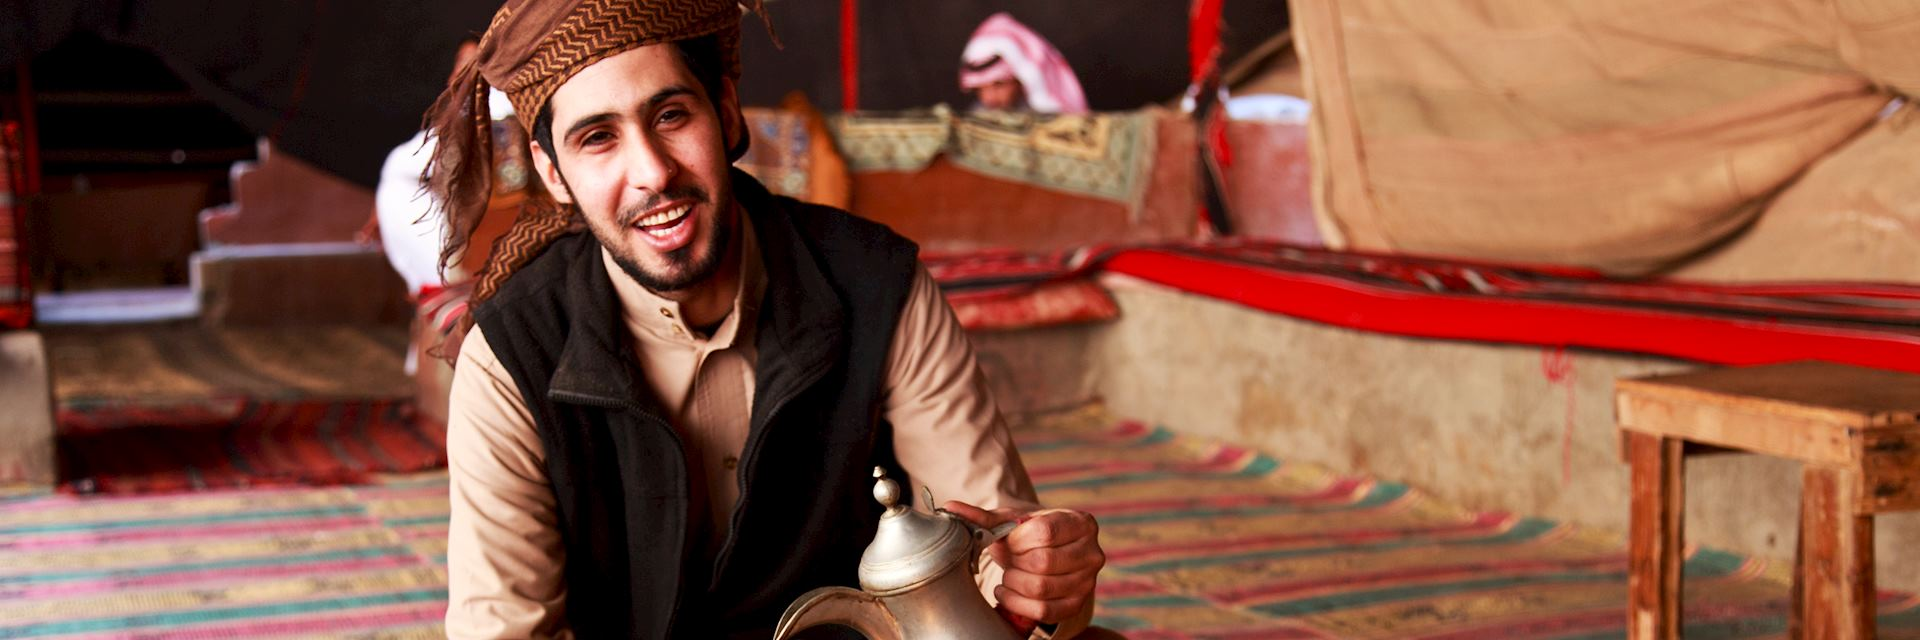 Man serving coffee in Jordan